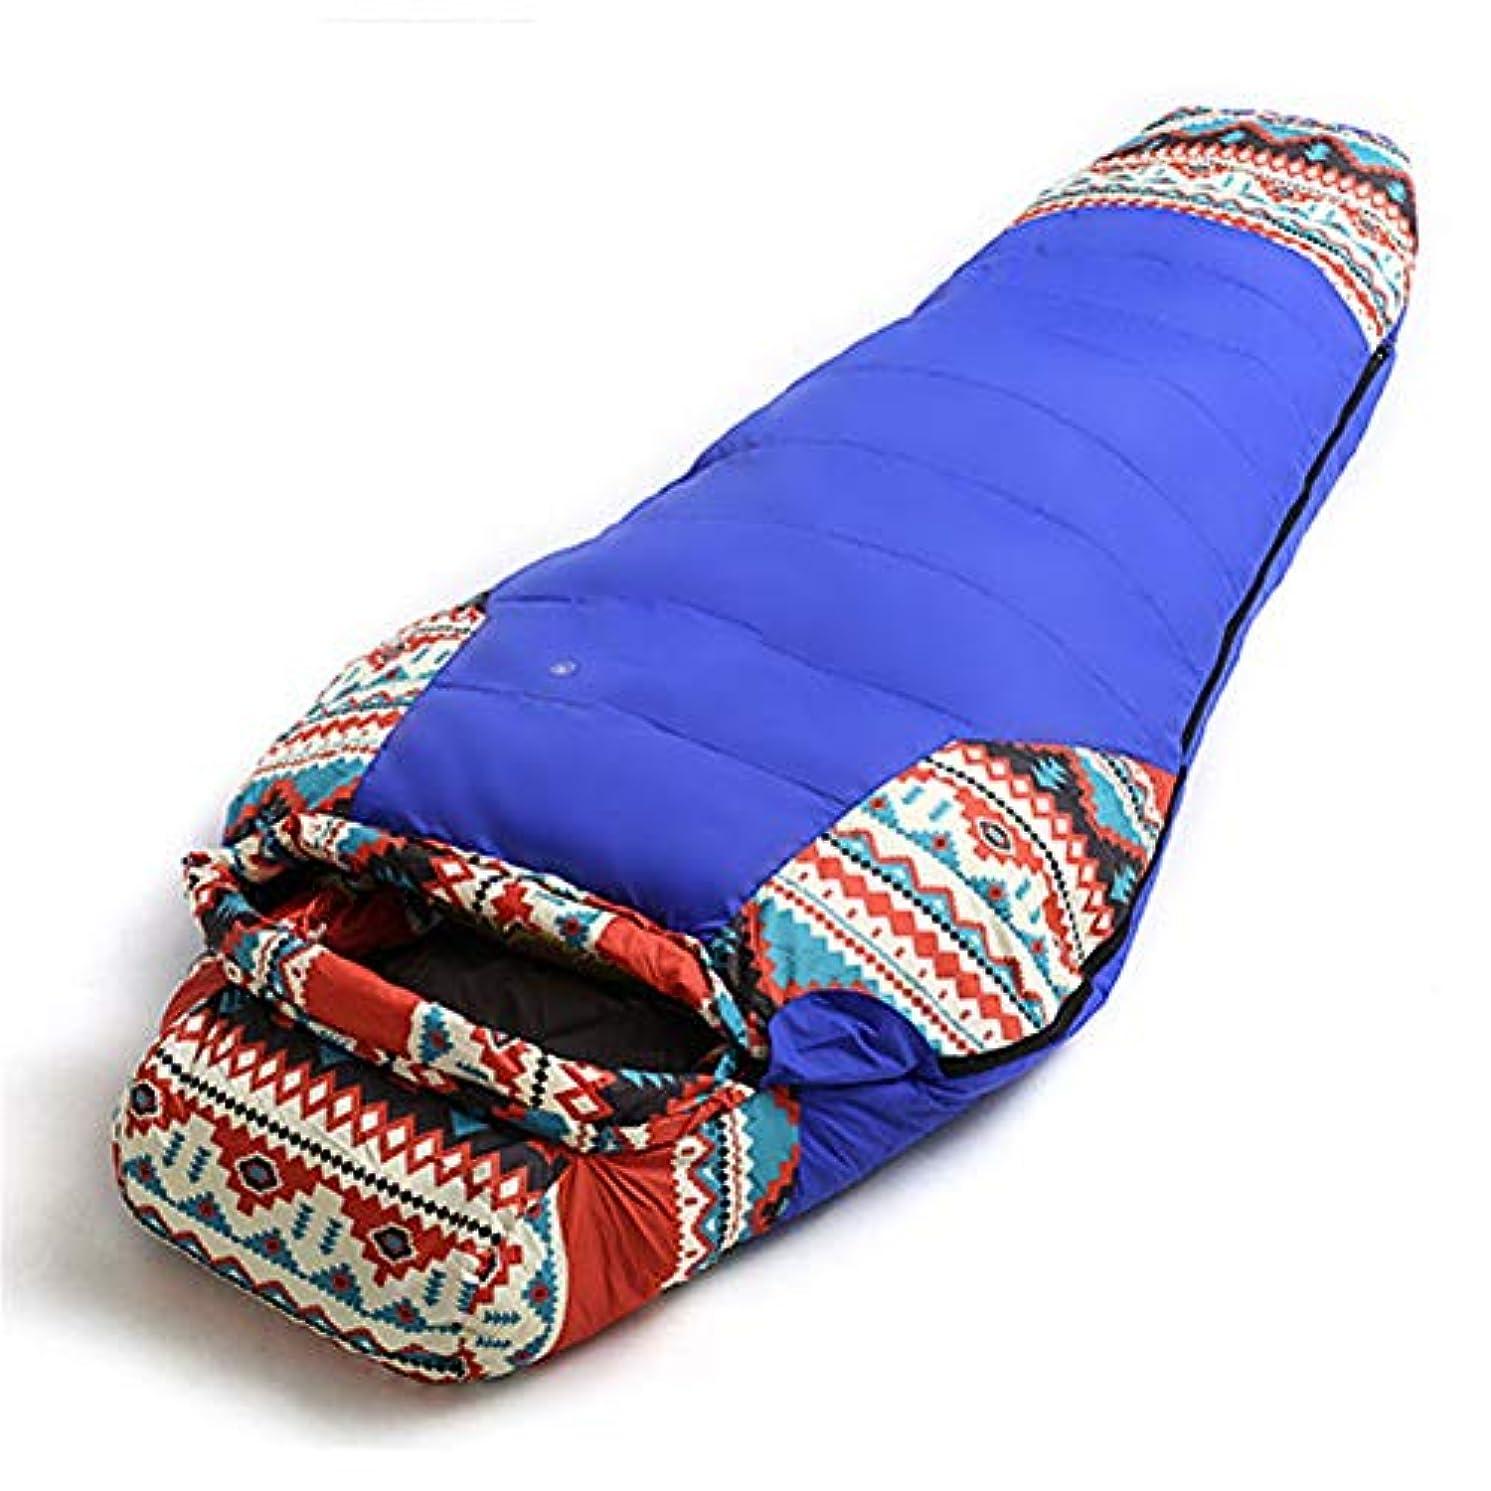 資格テーブルを設定する骨髄寝袋 国民的スタイル ミイラ 冬 キャンプ 旅行する アウトドア 成人 シングル